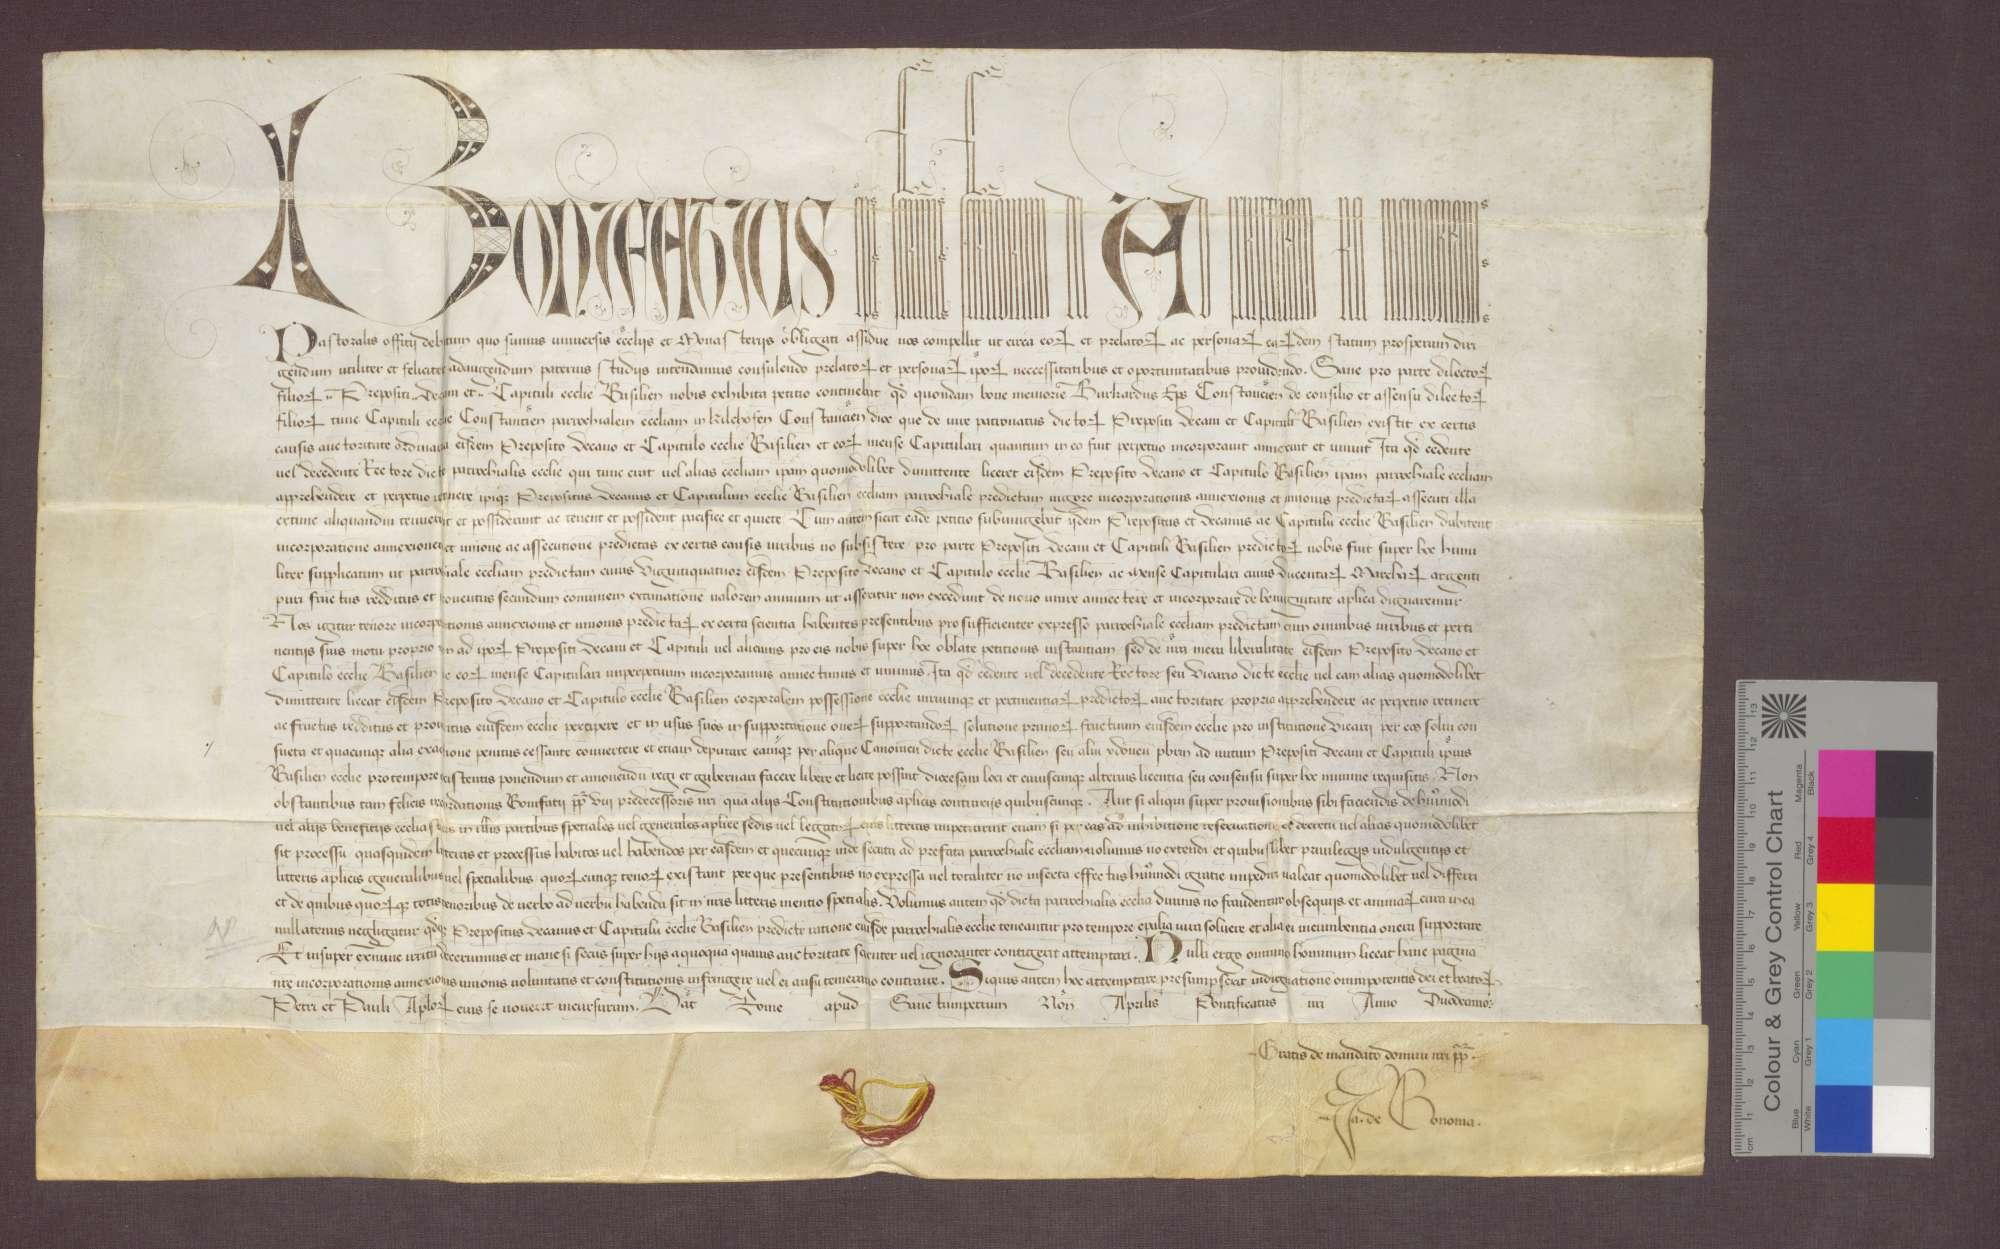 Papst Bonifaz IX. bestätigt die Inkorporation der Pfarrkiche zu Kirchhofen in das Domstift Basel., Bild 2